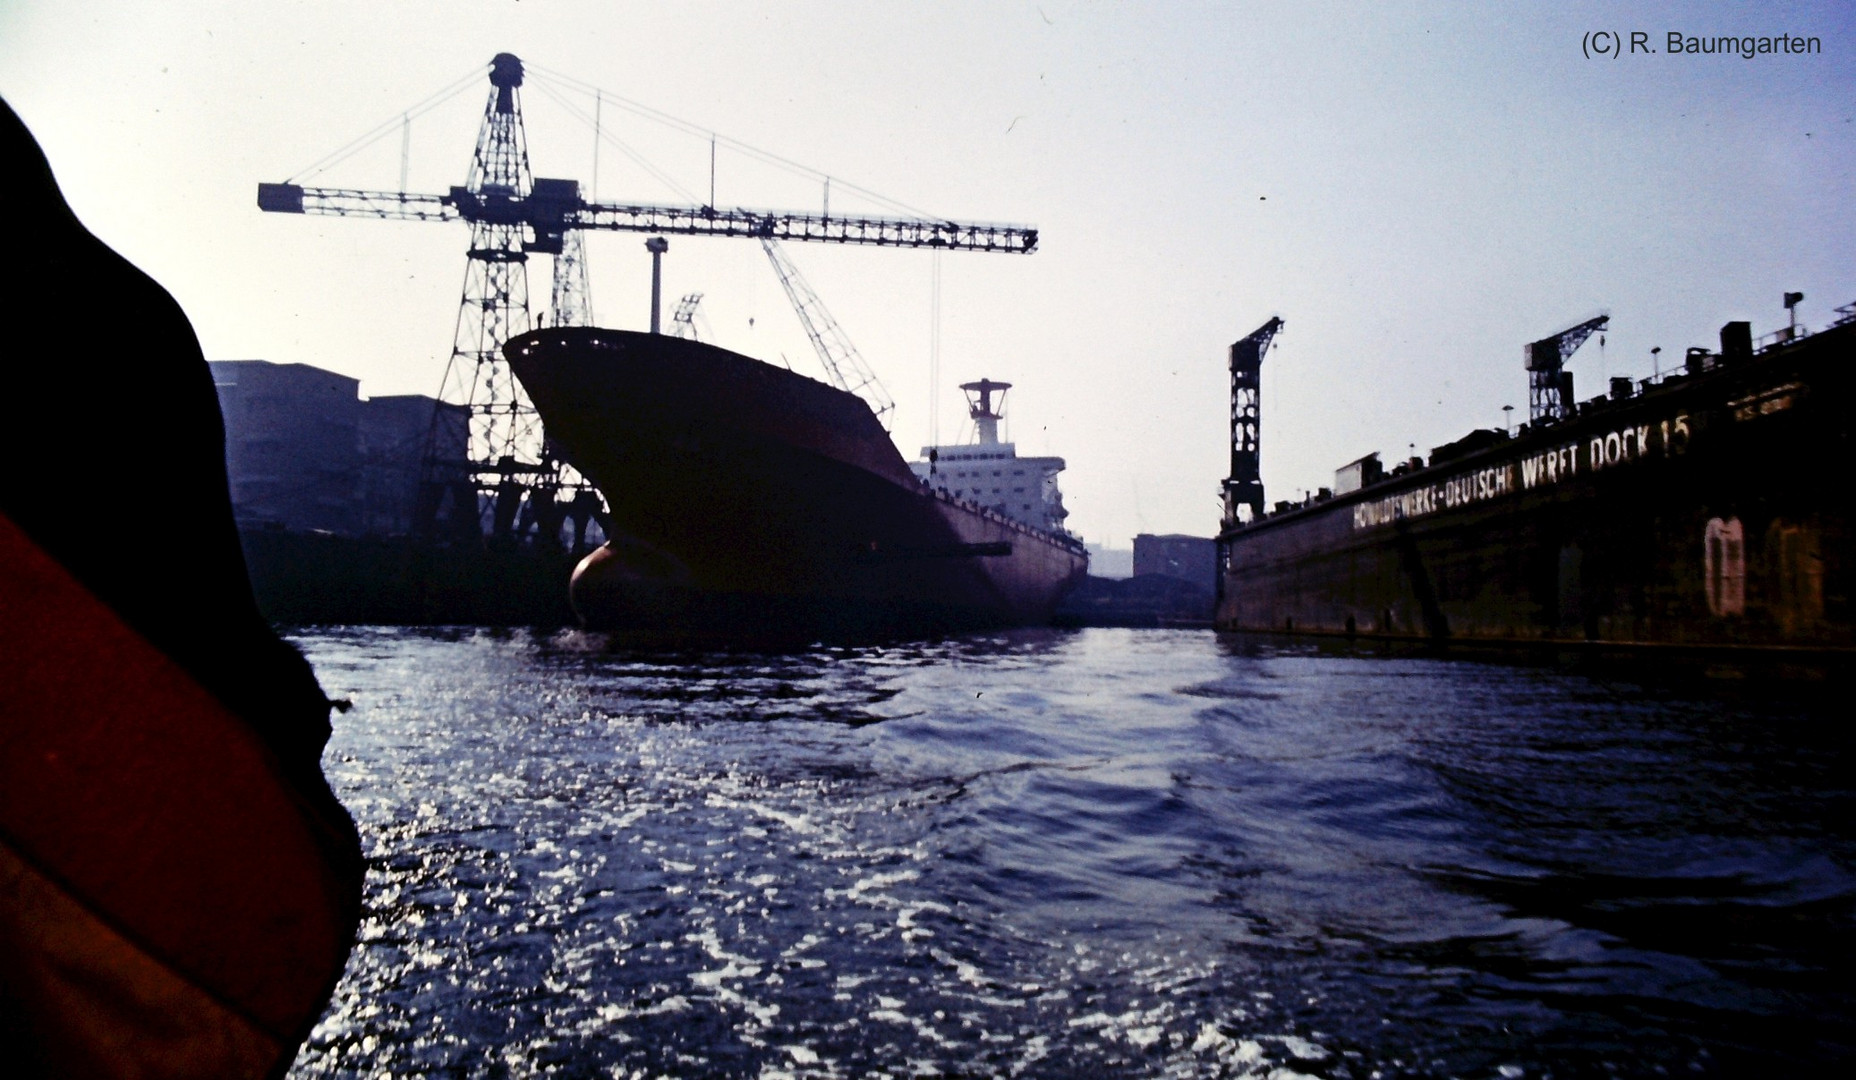 Dock 15 im Hamburger Hafen